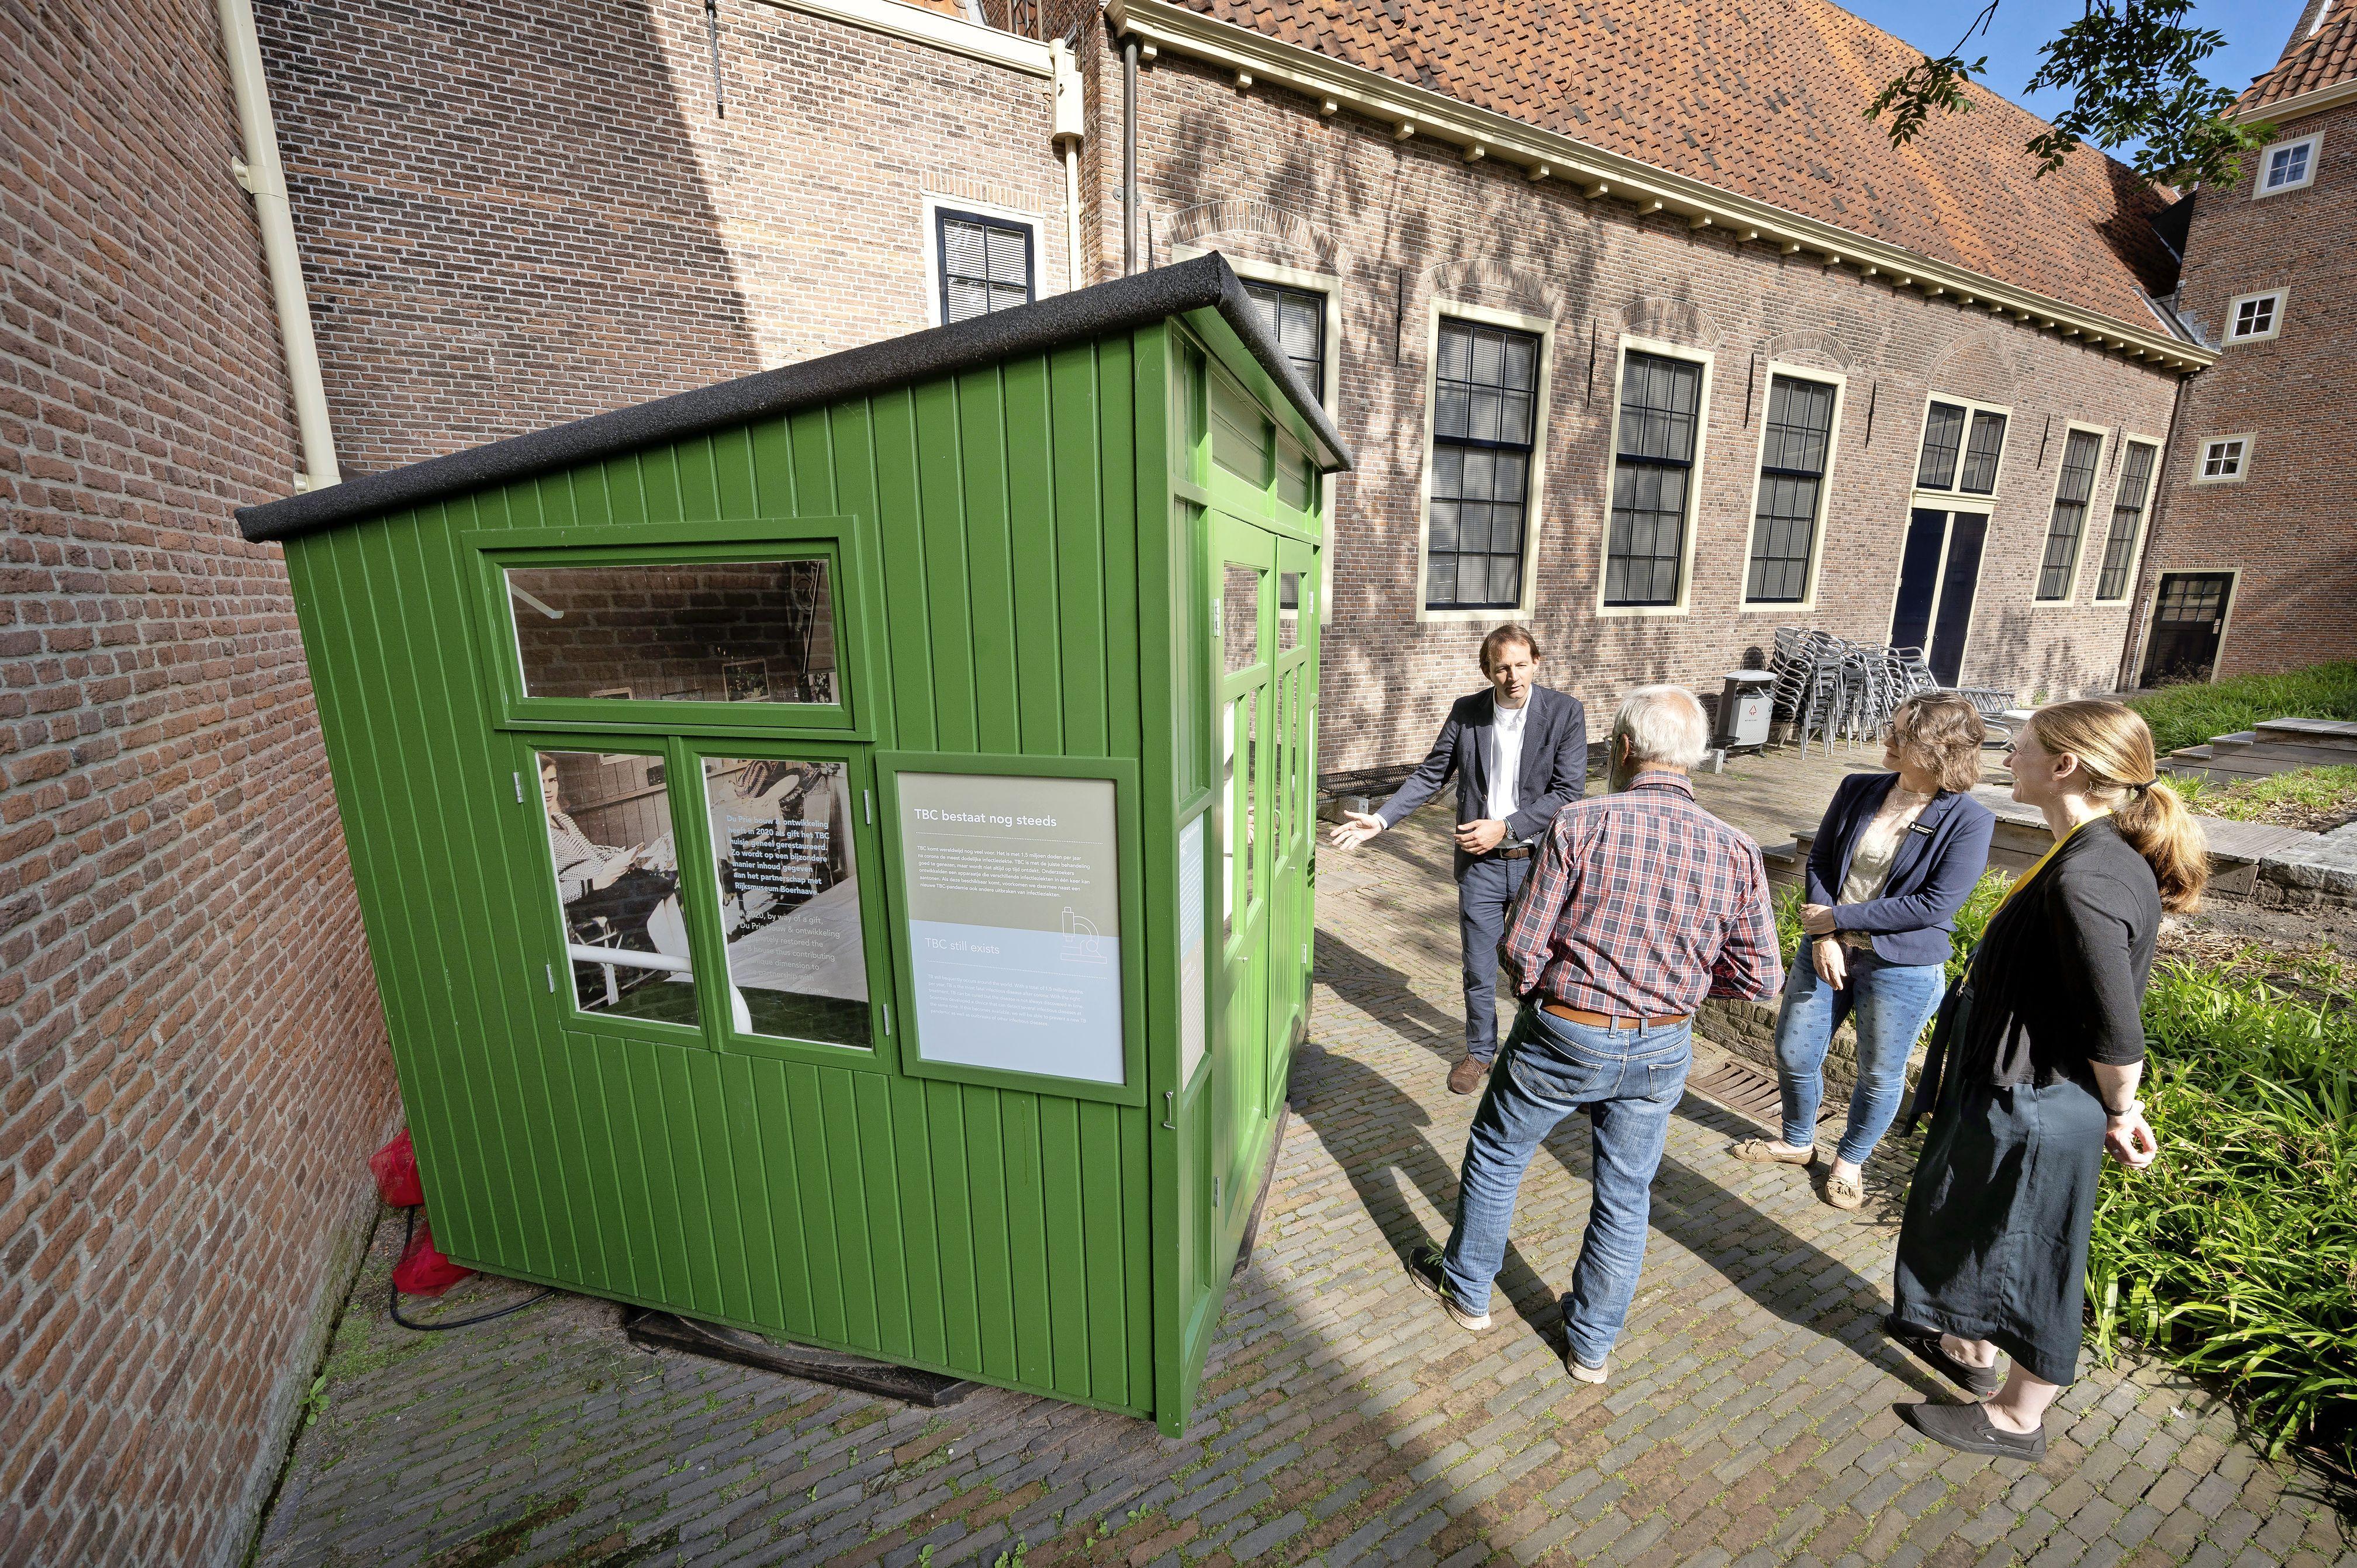 Wat eerst een tuinhuisje was om gereedschap in op te bergen, is nu een museumstuk bij Rijksmuseum Boerhaave in Leiden: een Hilversums tbc-huisje